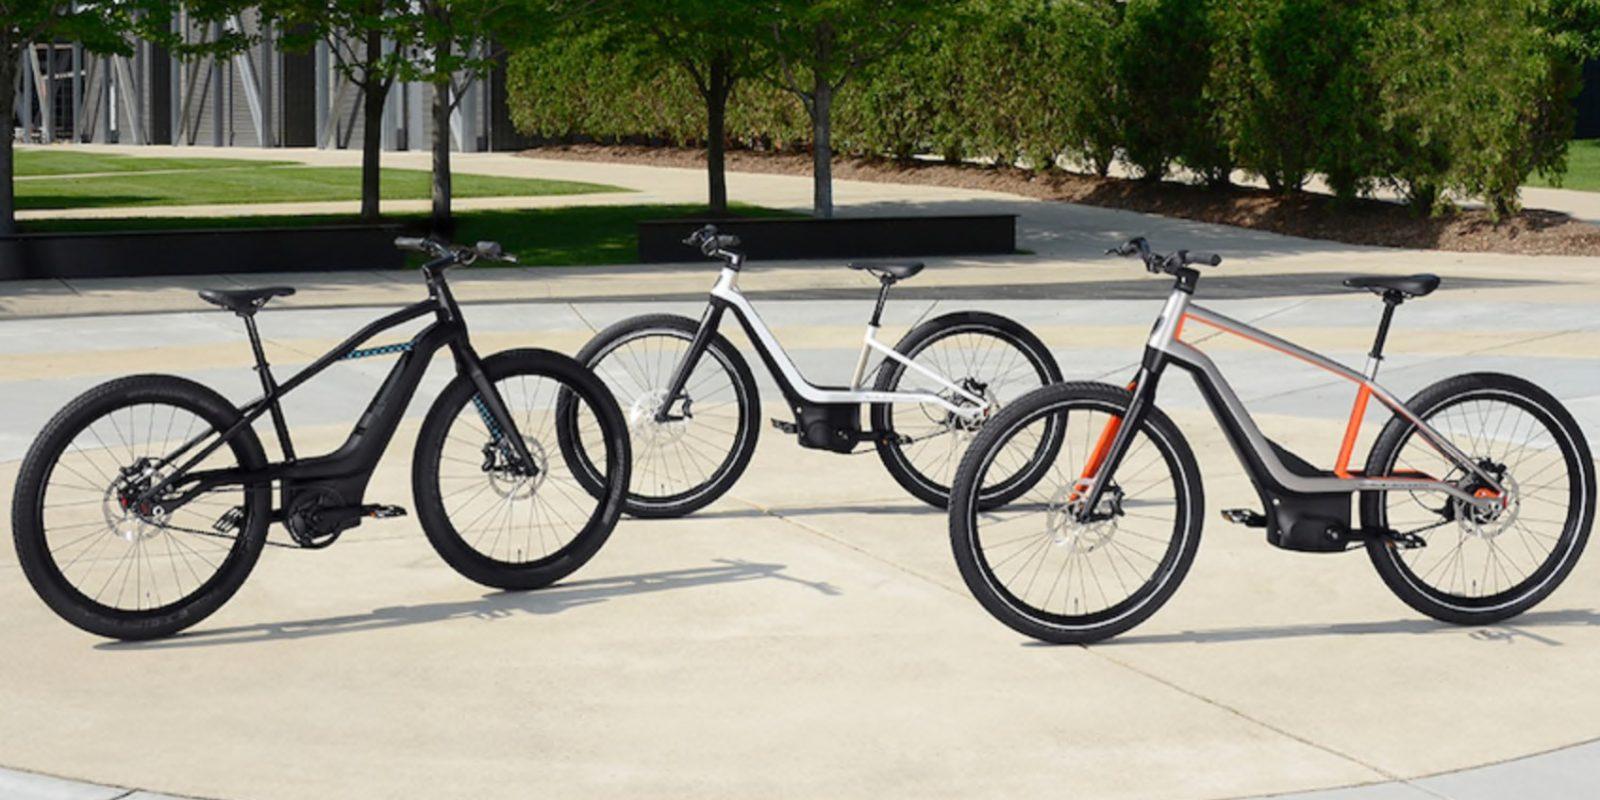 哈雷戴维森发布电动自行车概念,满满的摩托元素!-唯轮网